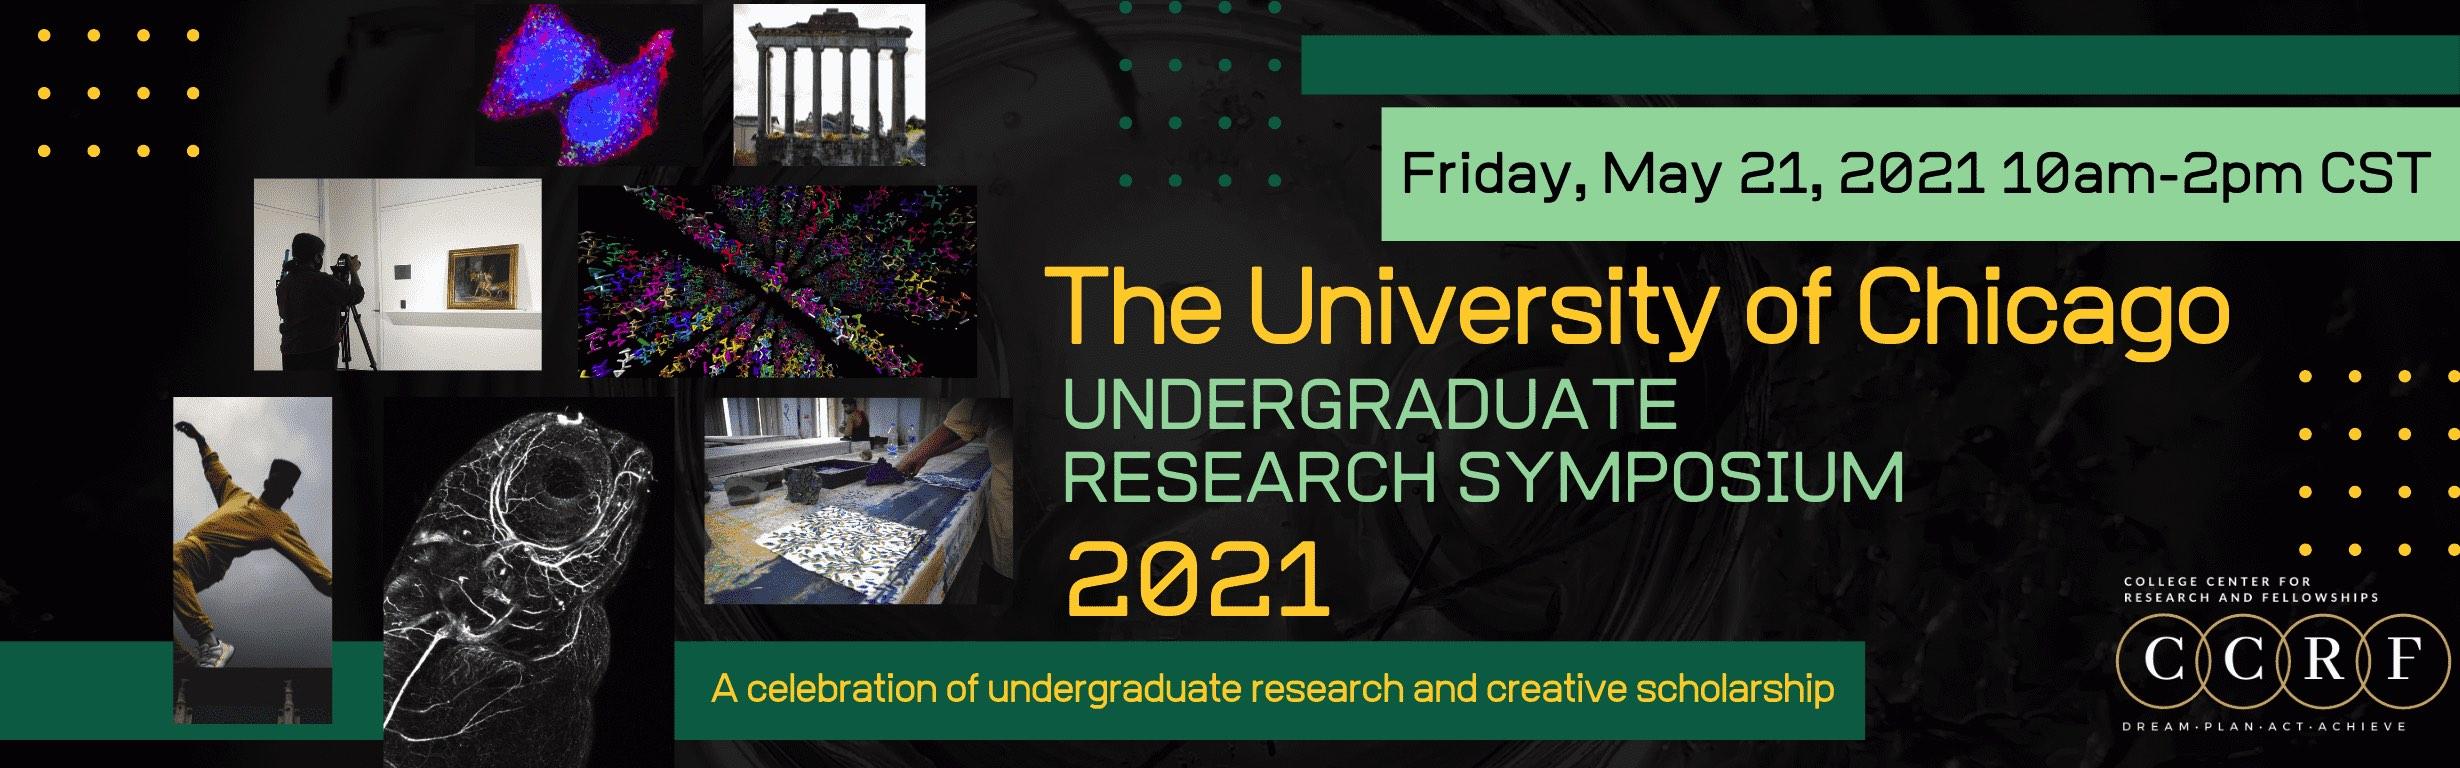 University of Chicago 2021 Undergraduate Research Symposium